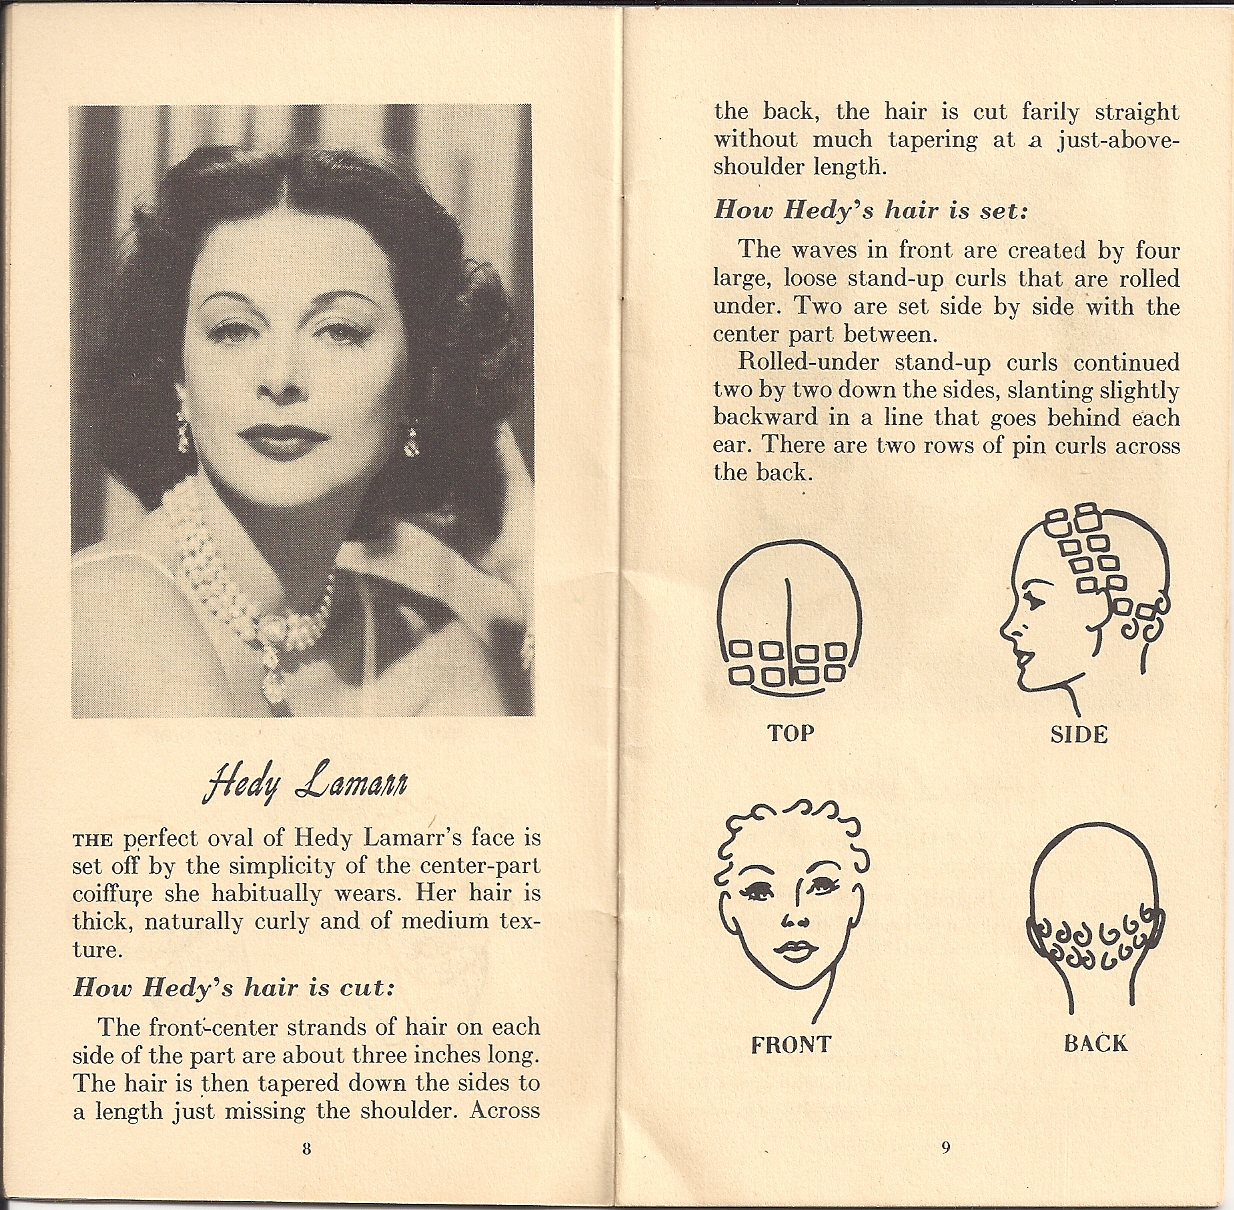 pin curl diagram suzuki eiger 400 carburetor set wiring schema img vintage 1940s hairstyles atomic panther marilyn monroe haircut